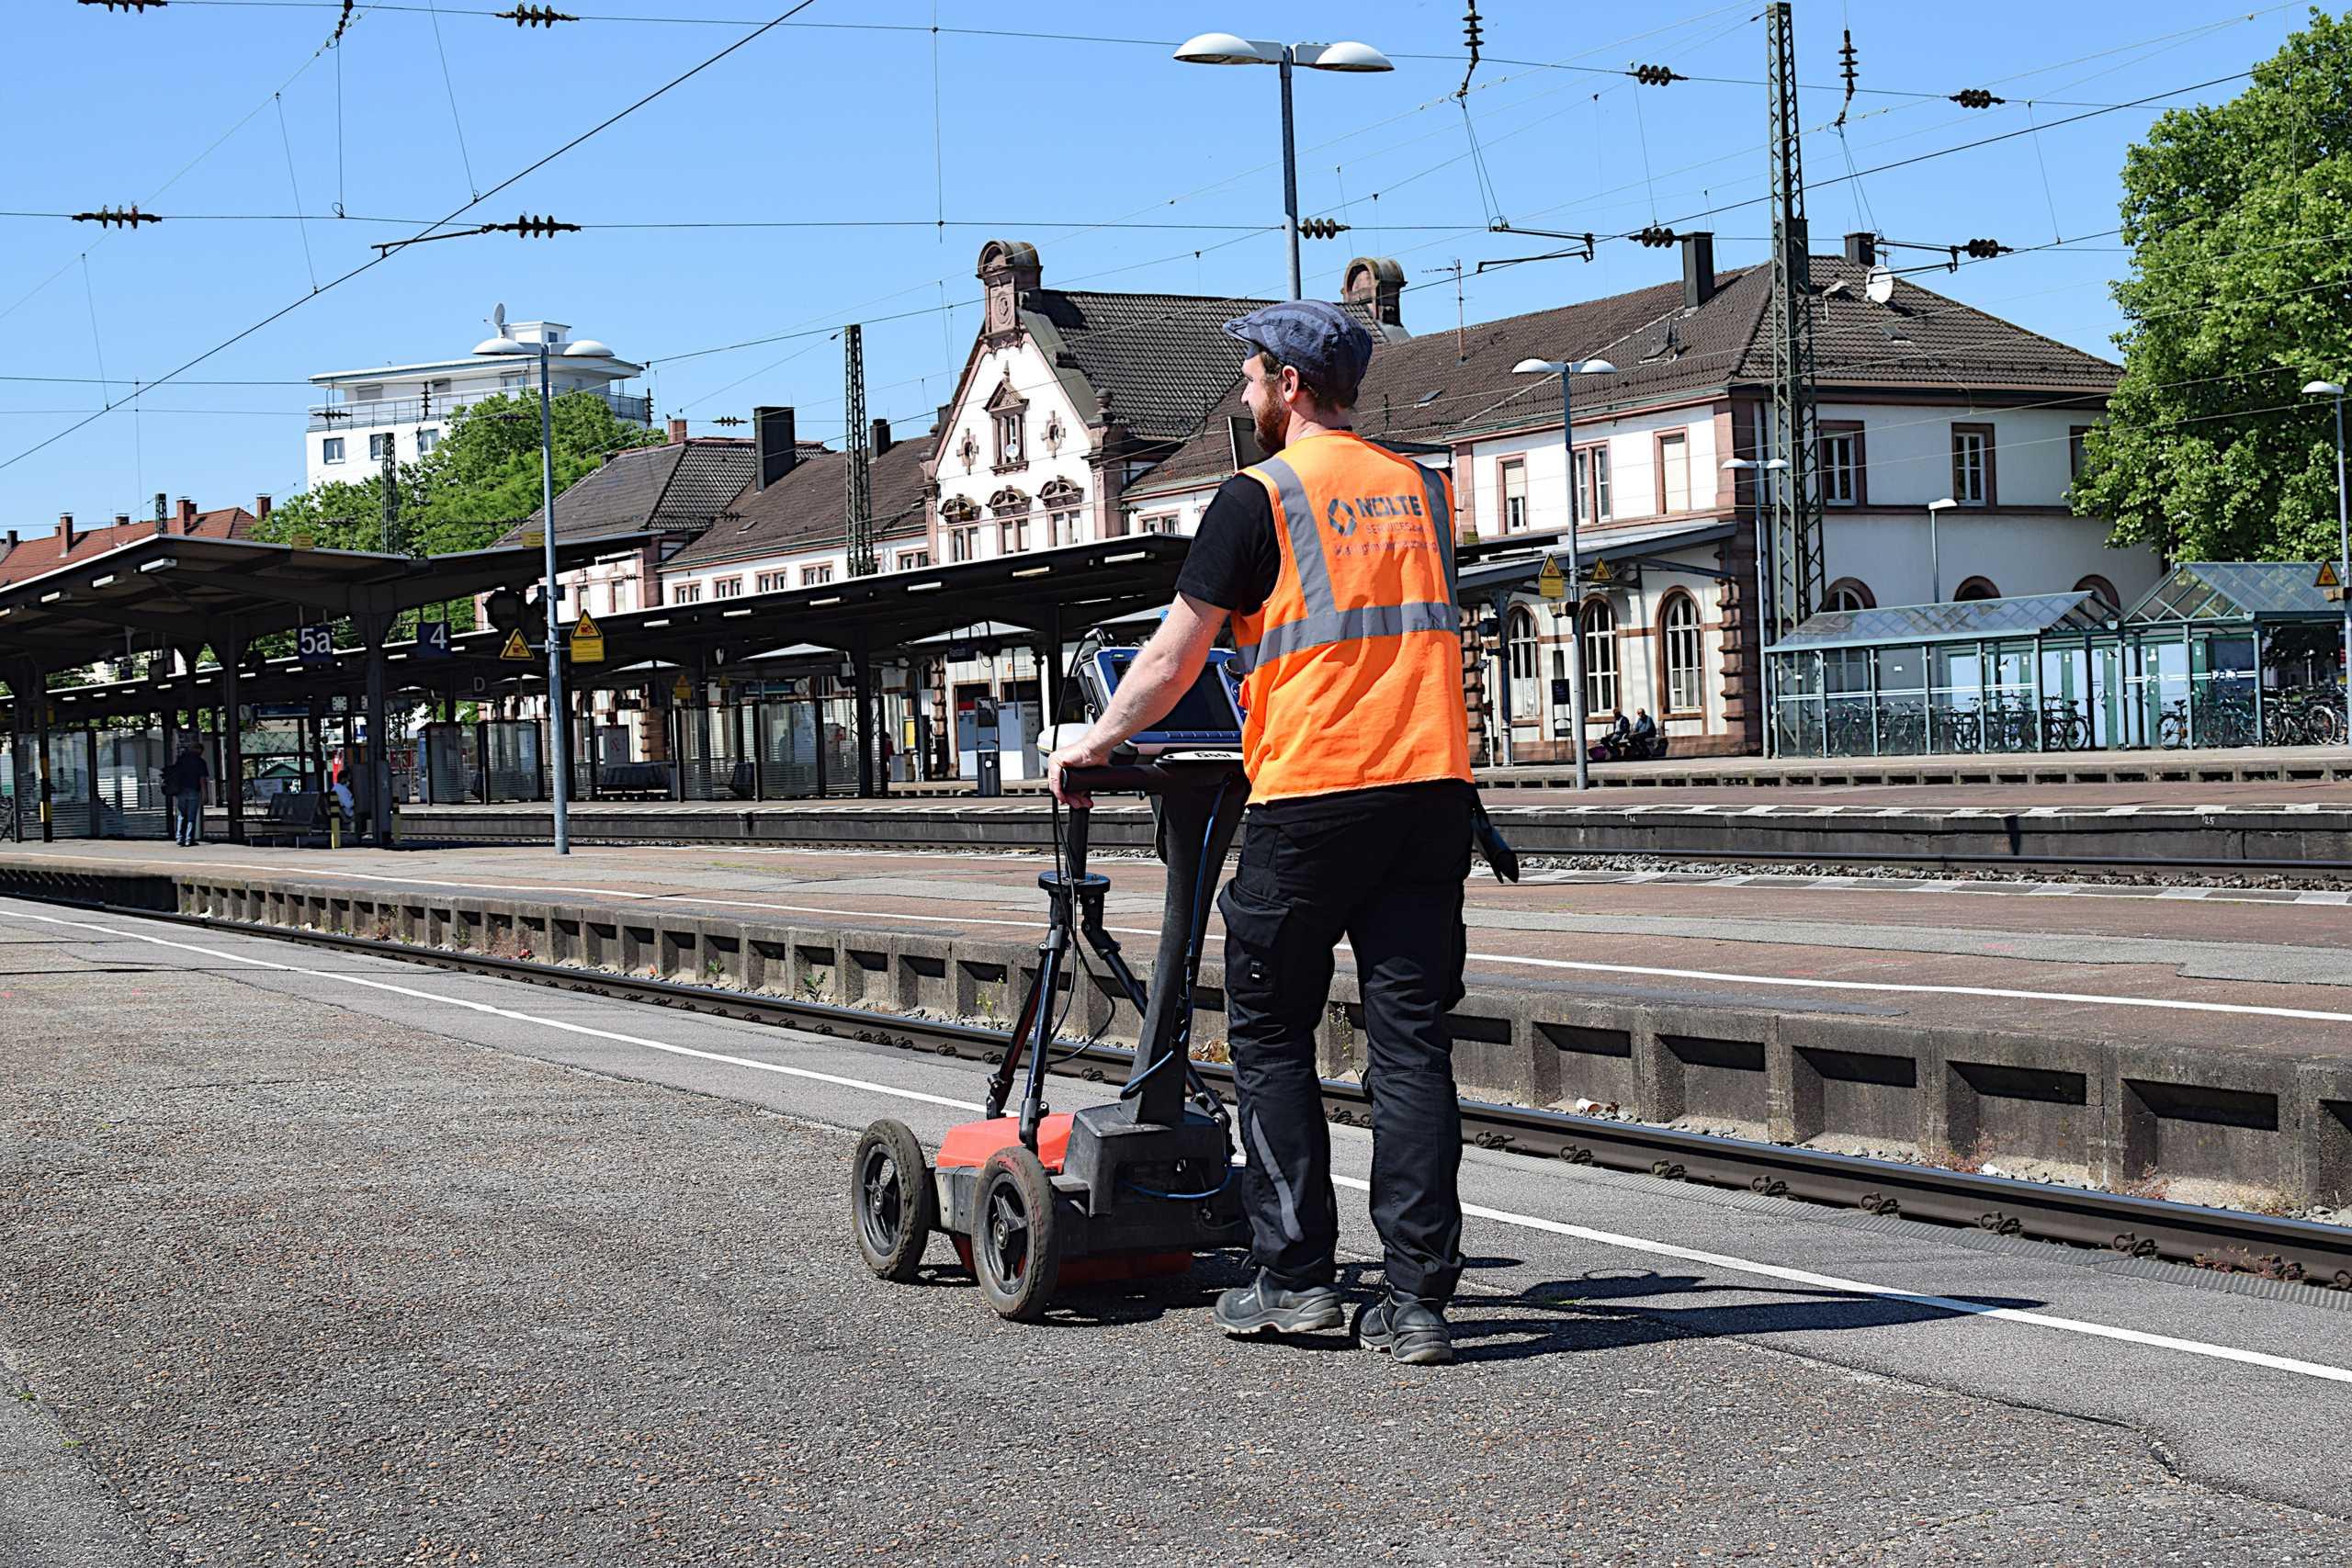 Geophysikalische Messung mit Radar GPR, Bahnsteig, Kampfmittelräumung, Kampfmittel, Münster, Ruhrgebiet, Deutsche Bahn DB